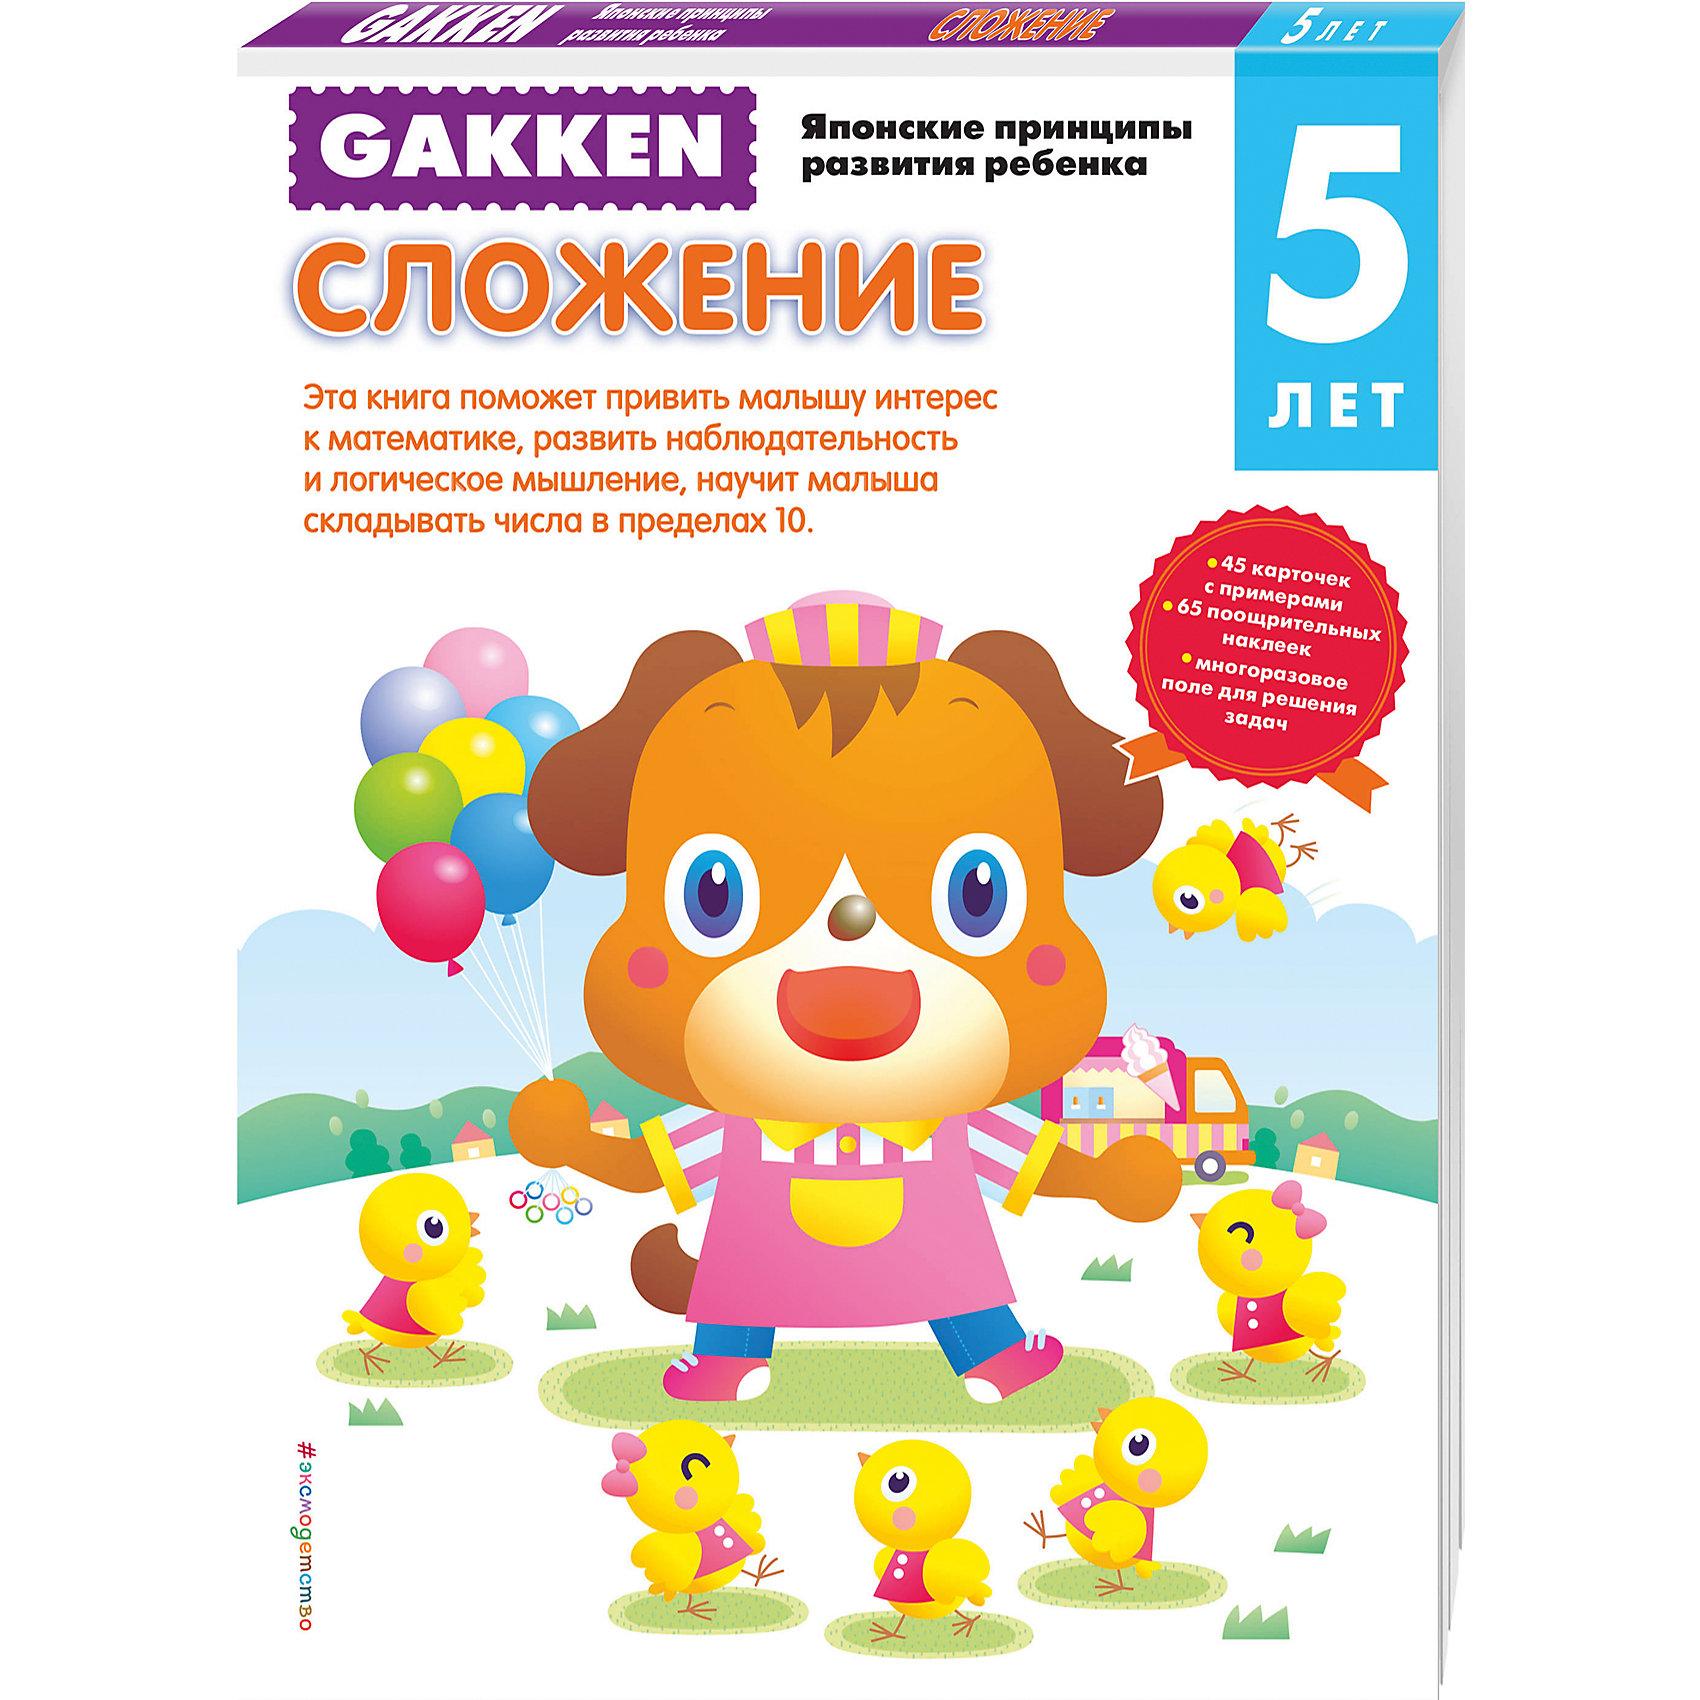 Тетрадь Сложение, 5+, GakkenЭксмо<br>Книга 5+ Сложение поможет привить малышу интерес к математике, развить наблюдательность и логическое мышление, научит малыша складывать числа в пределах 10. <br><br>Занимаясь по рабочим тетрадям «GAKKEN Японские принципы развития ребенка» вы через некоторое время сами убедитесь в том, что  без нервотрепки и утомительных скучных занятий  ваш ребенок может:<br>•Самостоятельно находить решения довольно сложных задач, в том числе пространственных<br>•Логически рассуждать и принимать решения<br>•Не просто считать, но и понимать математическую логику счета и решения задач<br>•Правильно держать карандаш и фломастер<br>•Рисовать, раскрашивать, проводить разные линии<br>•Управляться с ножницами и клеем<br>•Делать по образцу и даже придумывать сам аппликации и другие поделки из бумаги<br><br>Ширина мм: 210<br>Глубина мм: 290<br>Высота мм: 60<br>Вес г: 321<br>Возраст от месяцев: 36<br>Возраст до месяцев: 2147483647<br>Пол: Унисекс<br>Возраст: Детский<br>SKU: 5535518